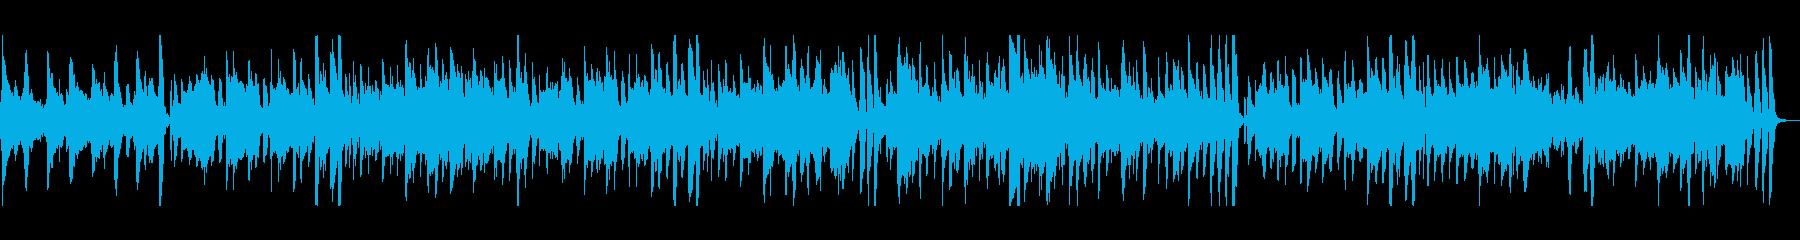 優雅な日常を感じるワルツの再生済みの波形